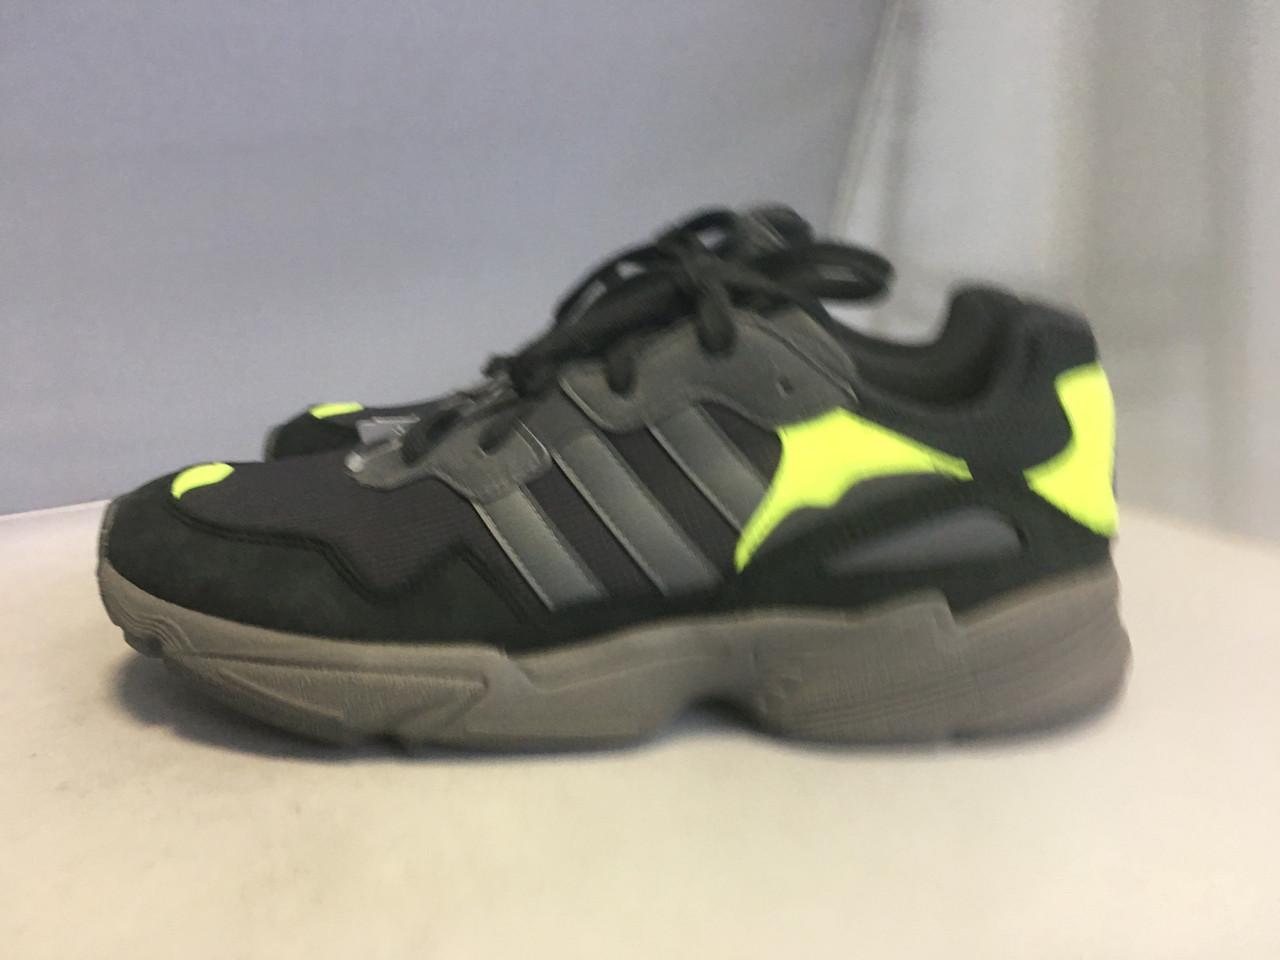 Мужские кроссовки Adidas Torsion, 43 размер